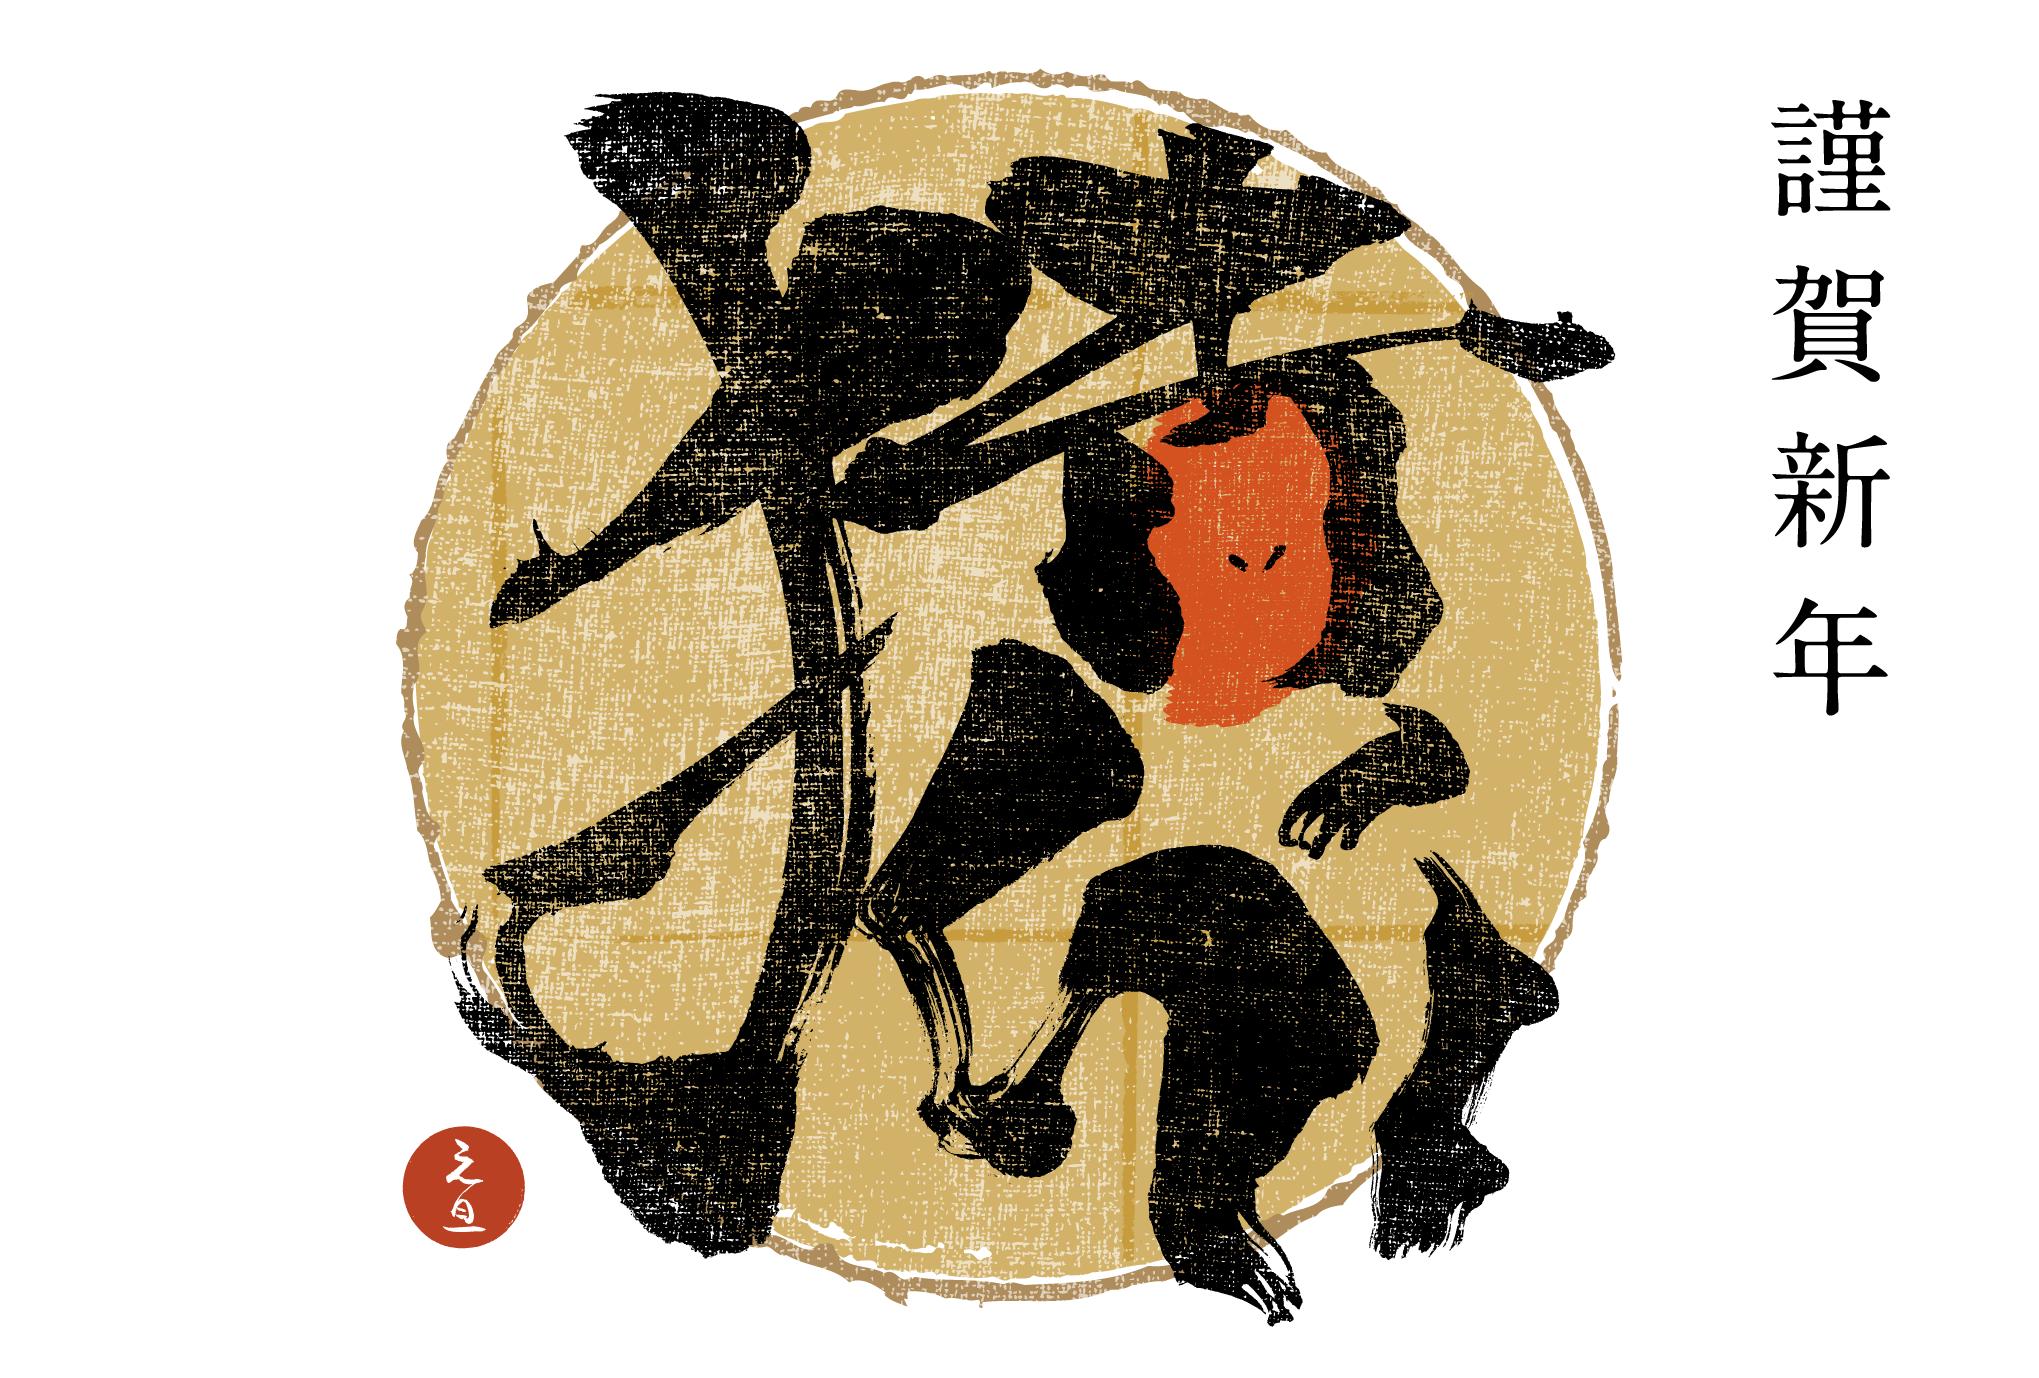 2016年賀状14-1:猿 Calligraphy(謹賀金色丸)横のダウンロード画像